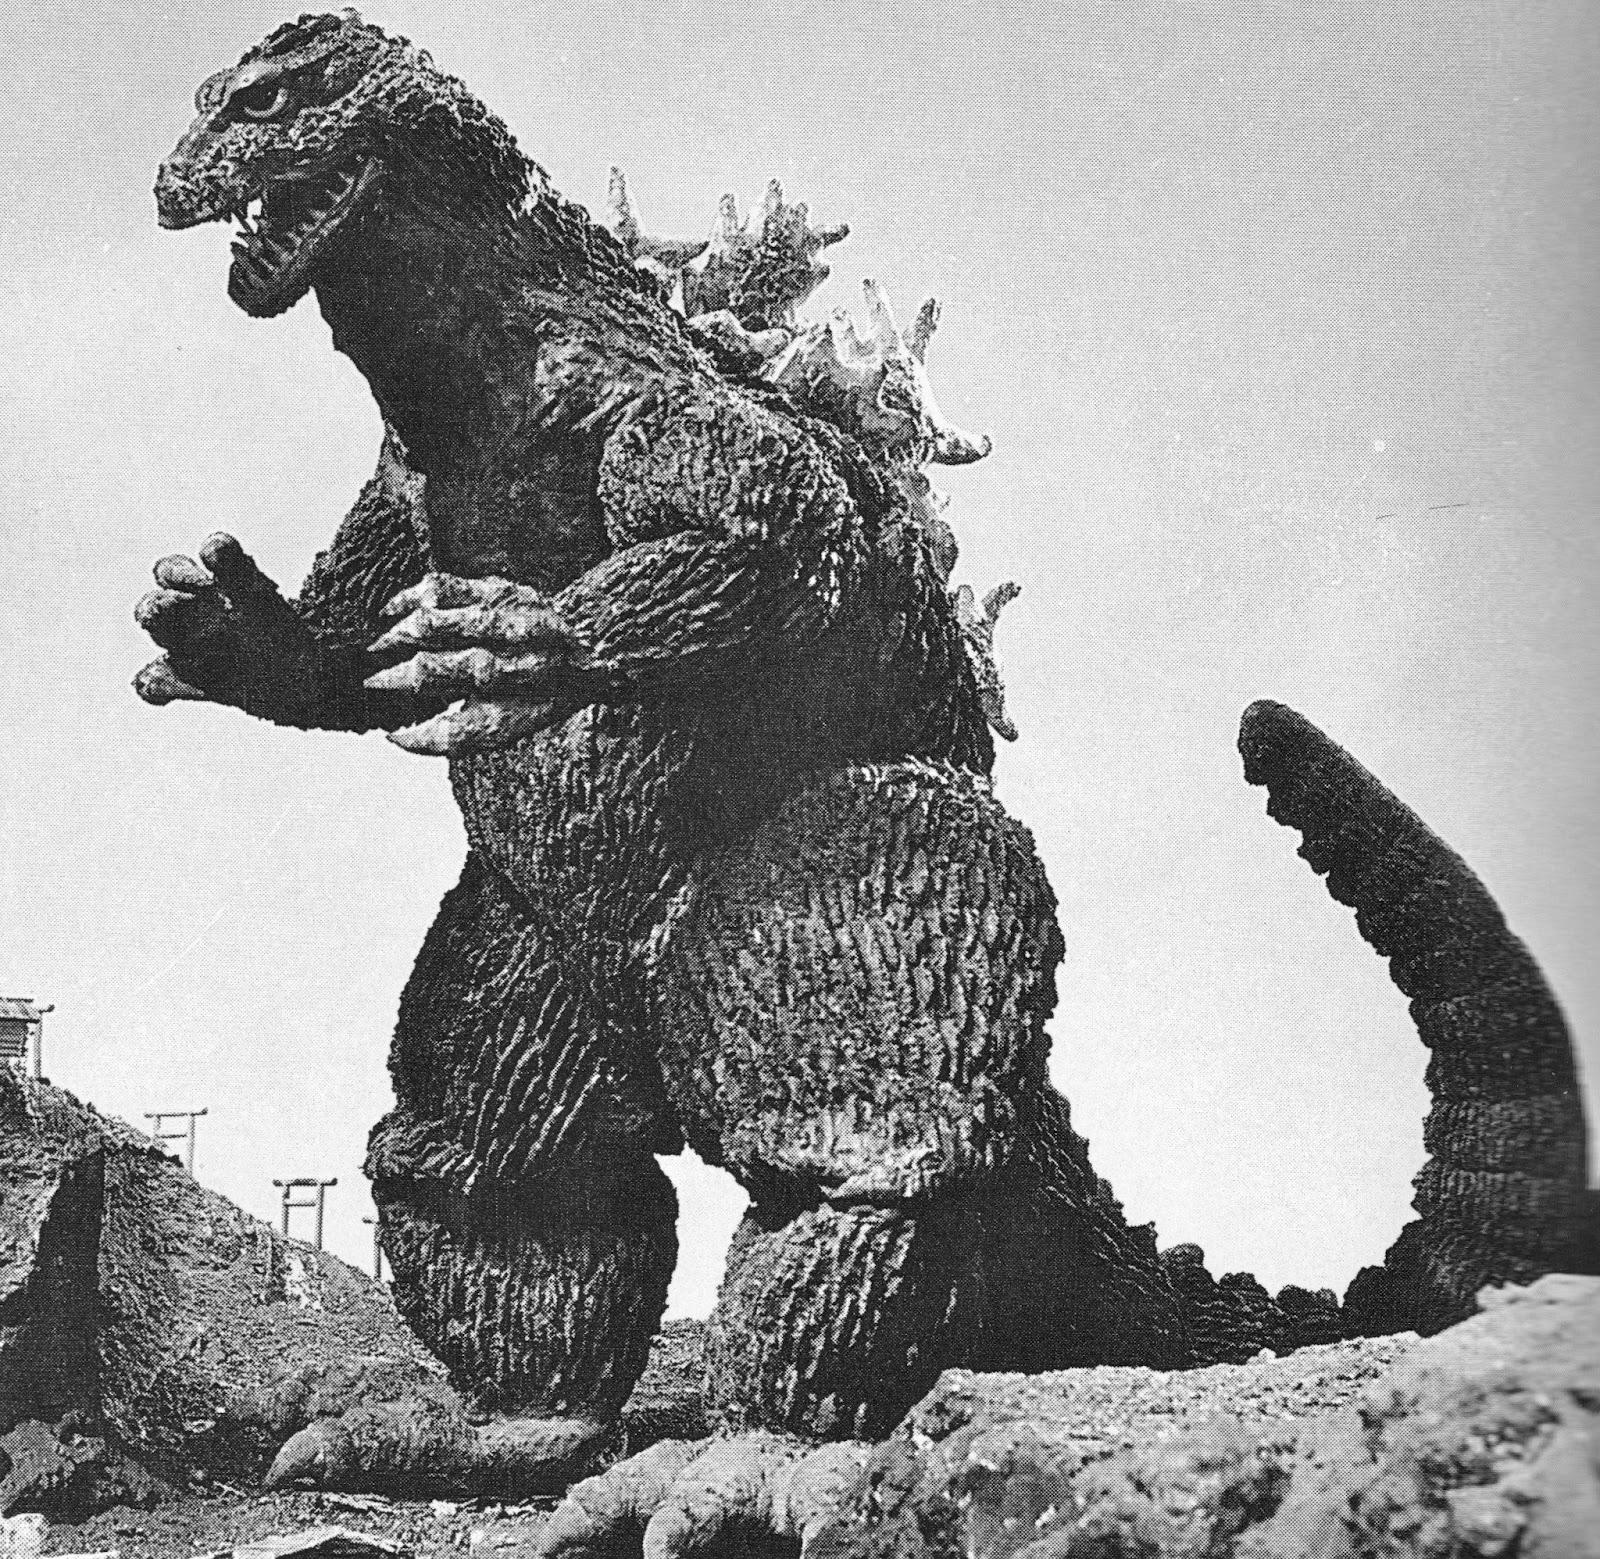 Godzilla (2014) - Page 6 211309556_1386725323